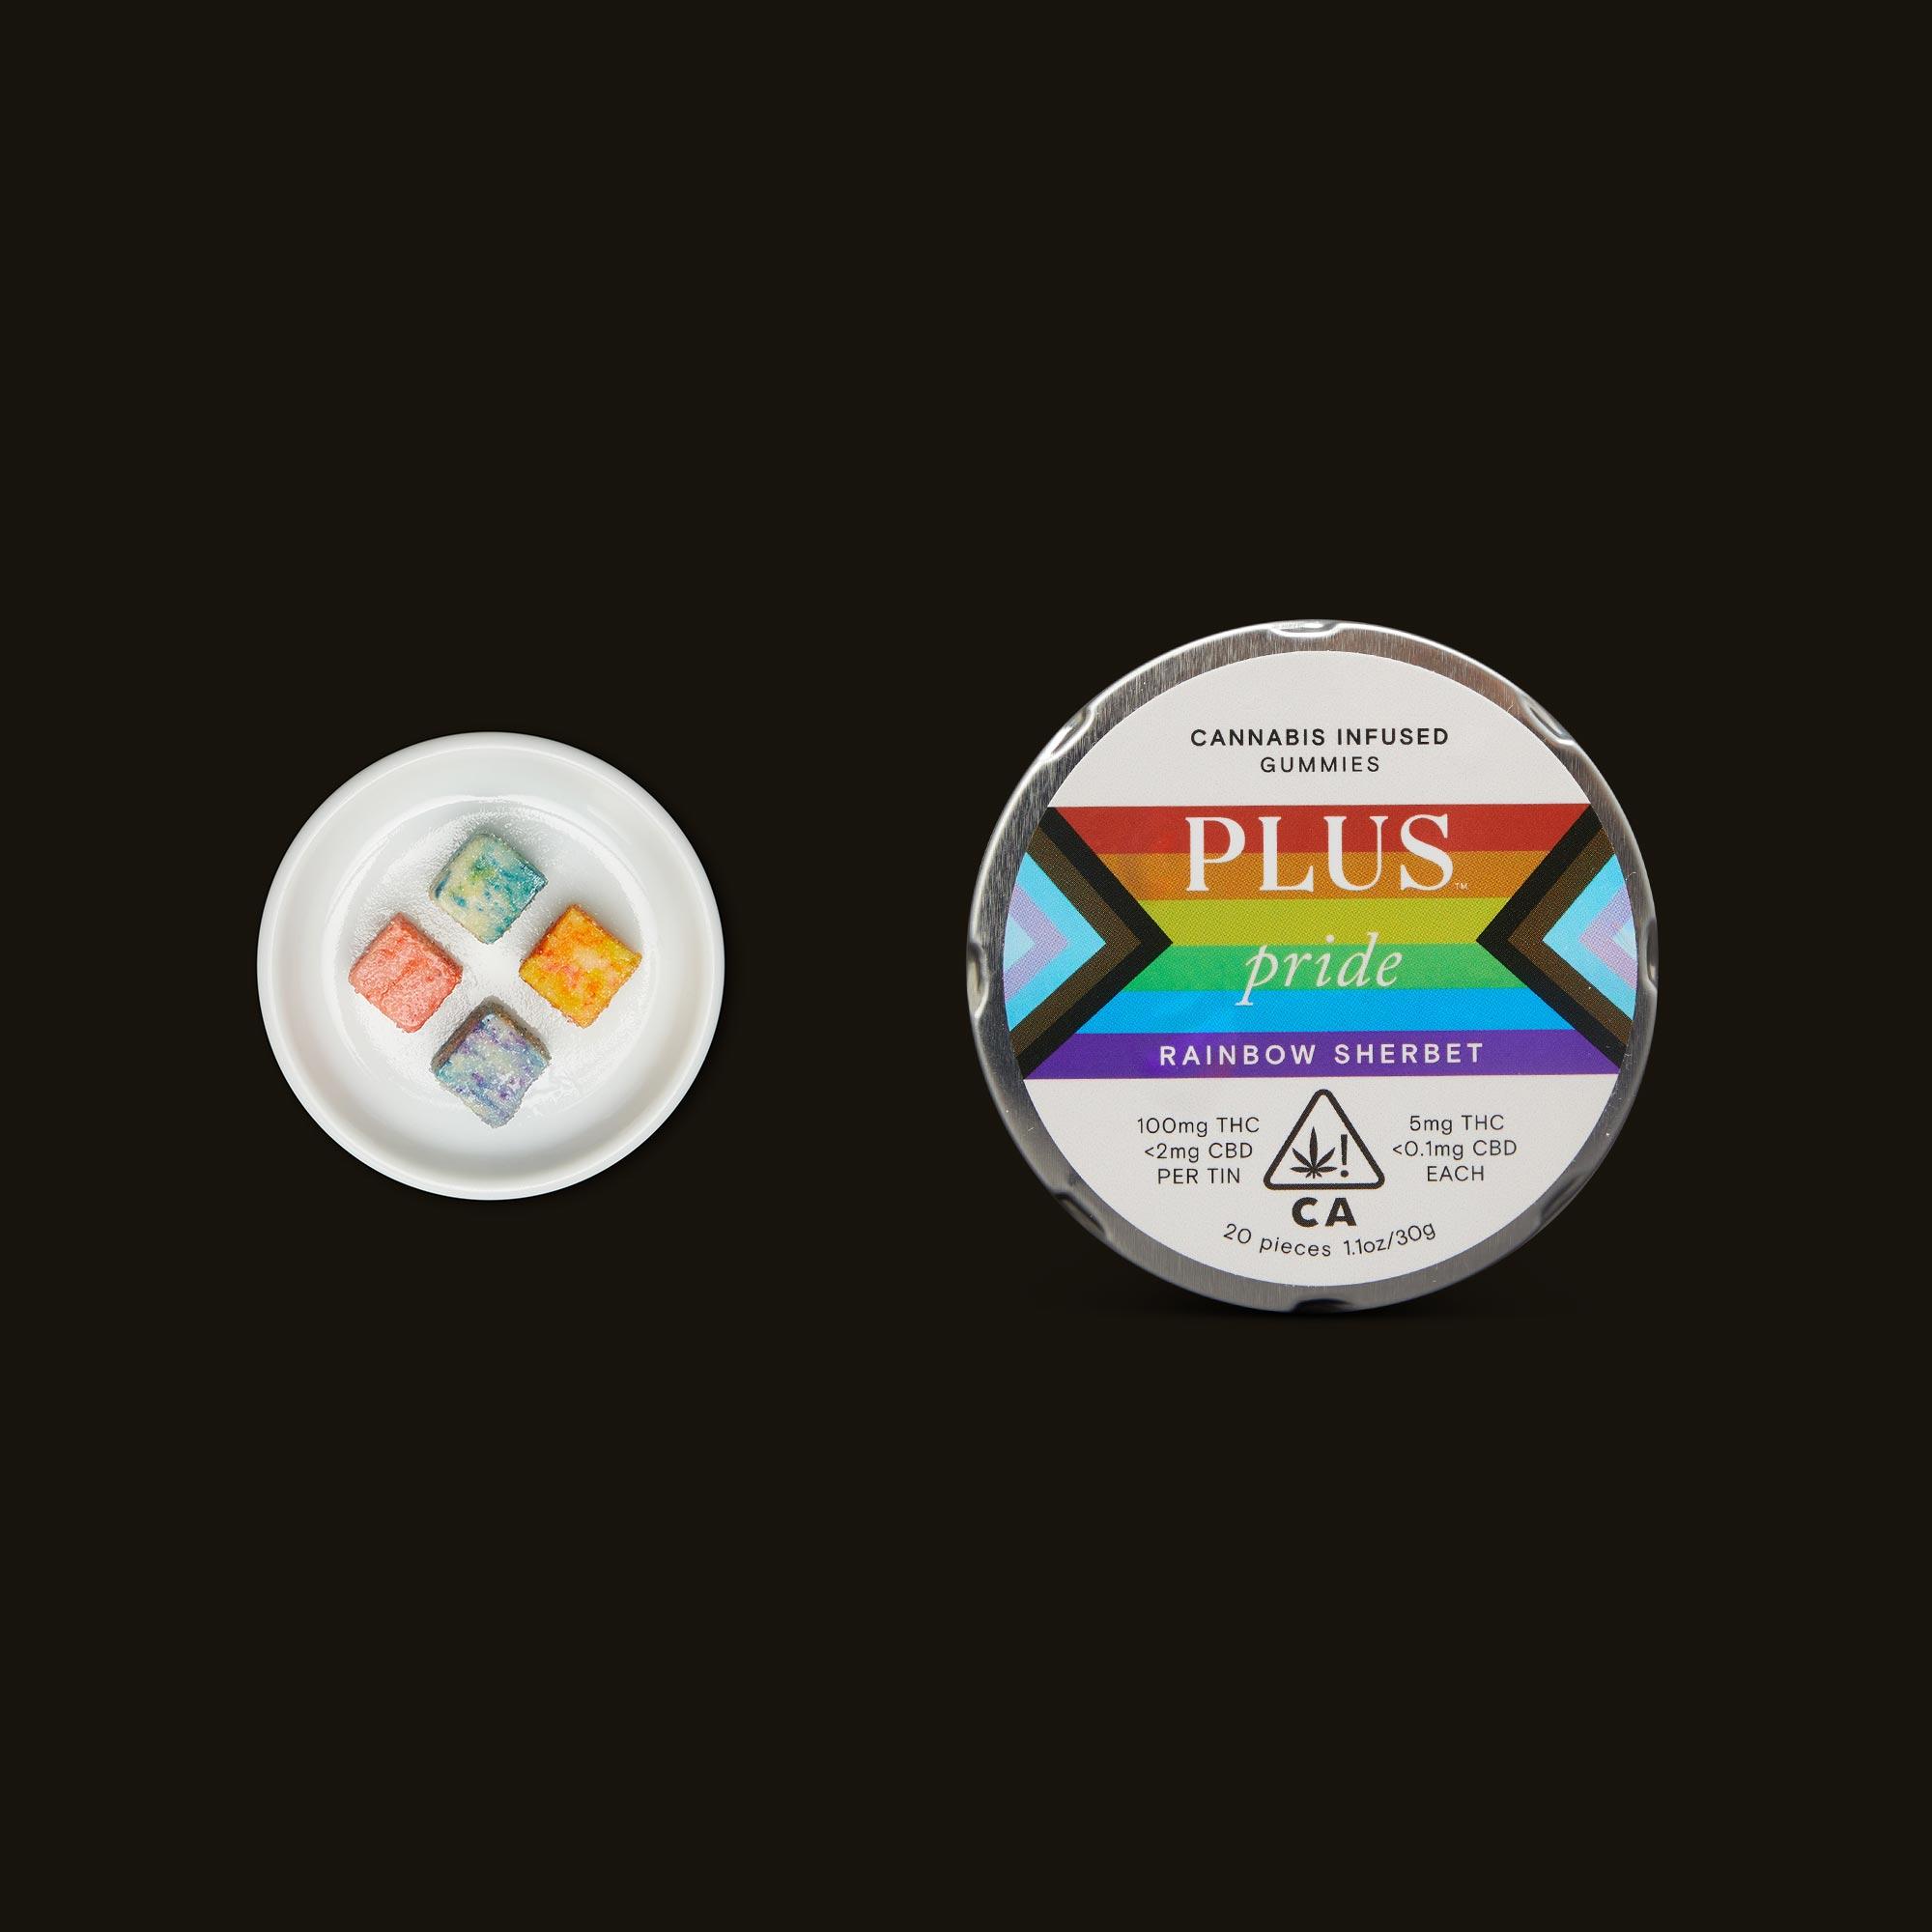 Plus Pride Rainbow Sherbet Gummies